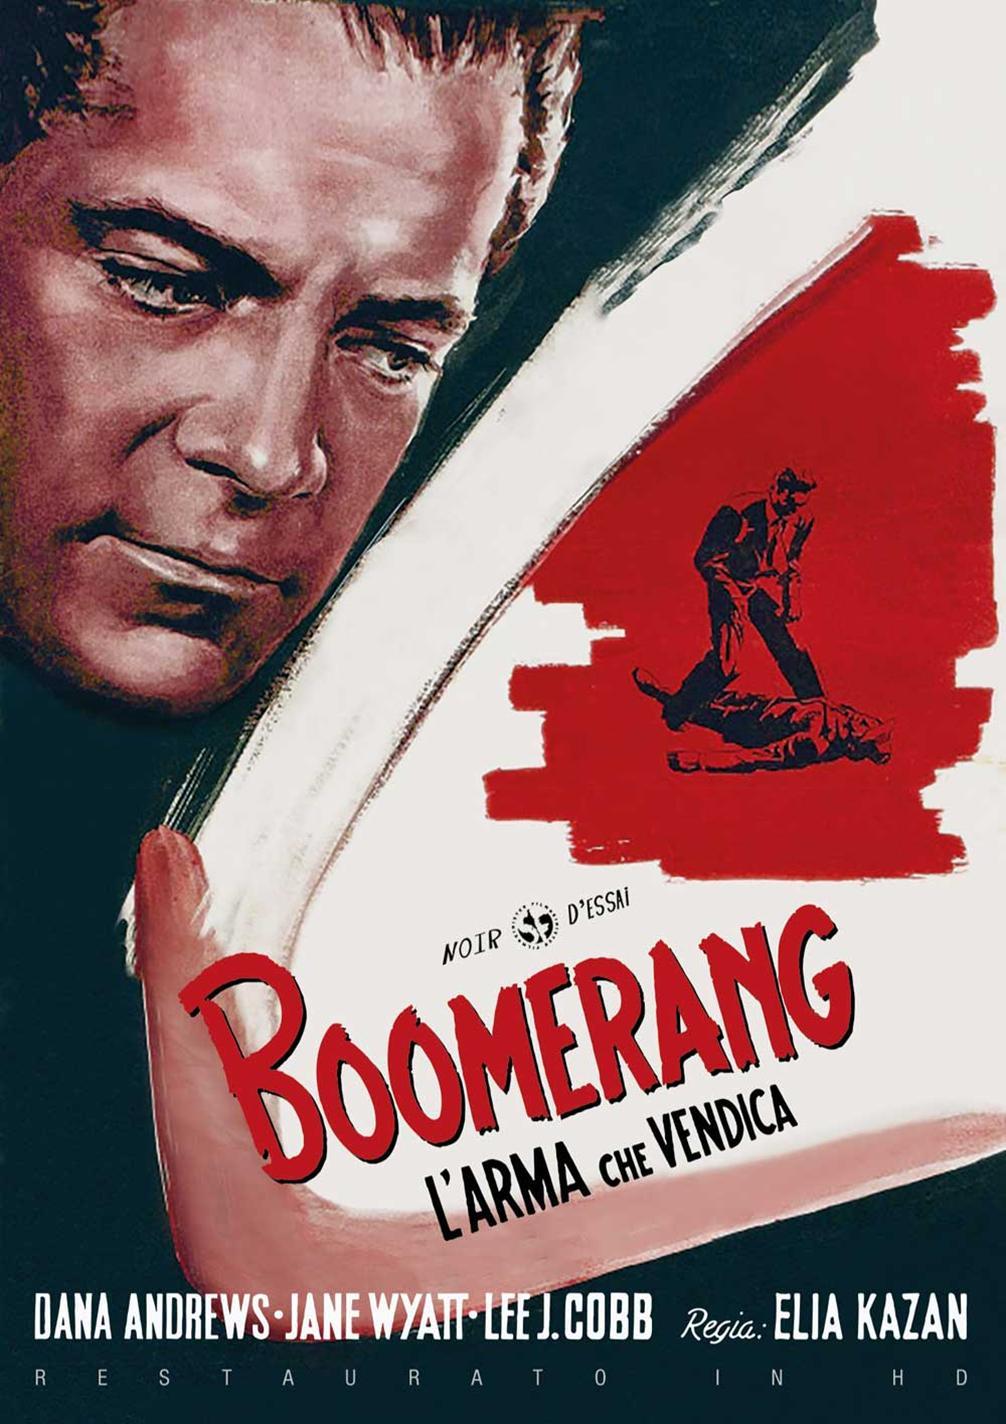 BOOMERANG - L'ARMA CHE VENDICA (RESTAURATO IN HD) (DVD)